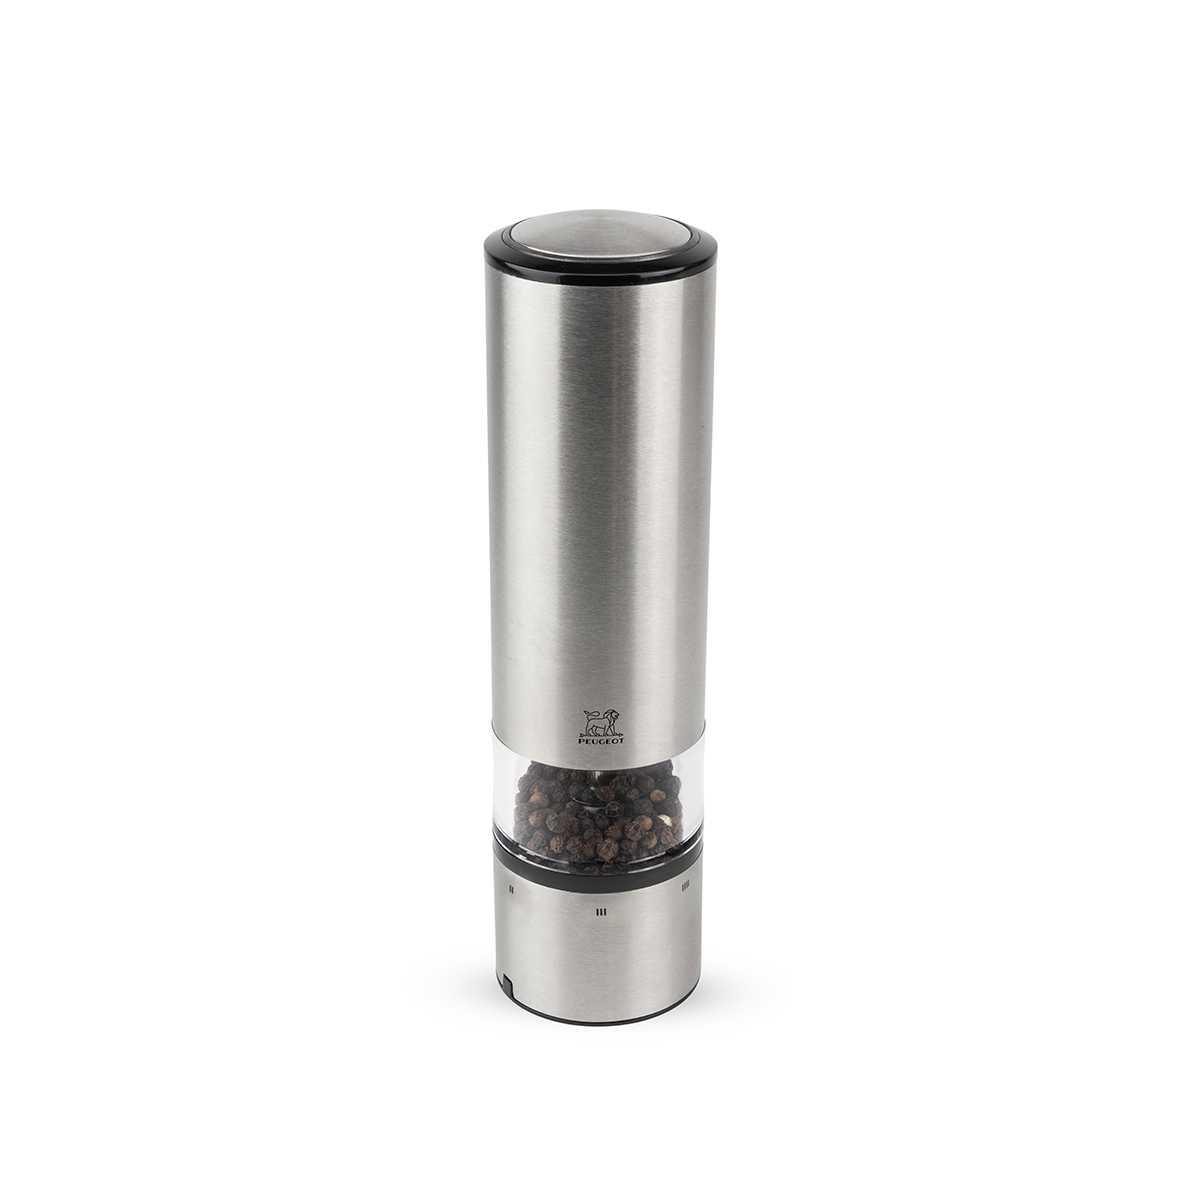 Онлайн каталог PROMENU: Мельница электрическая для перца Peugeot Elis Sense, высота 20 см, серебристый Peugeot 27162